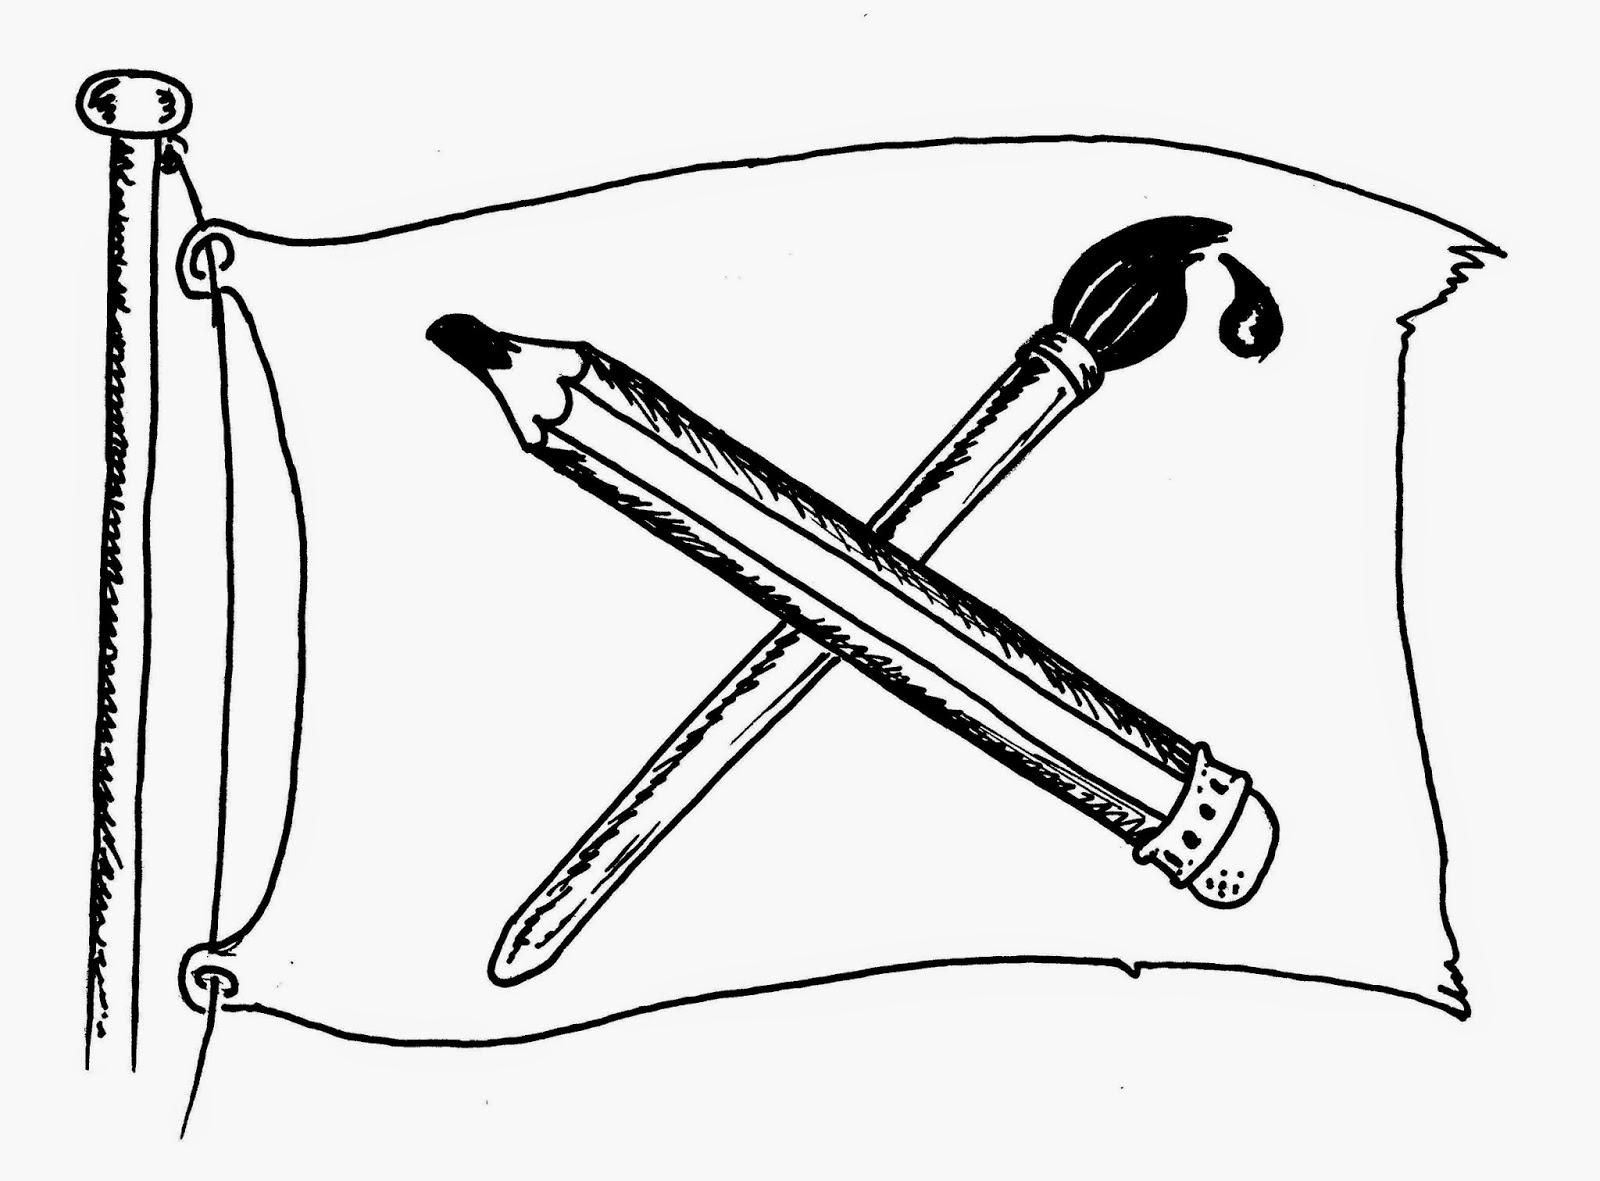 Dessin Libre bienvenue en justopie!: dessin libre